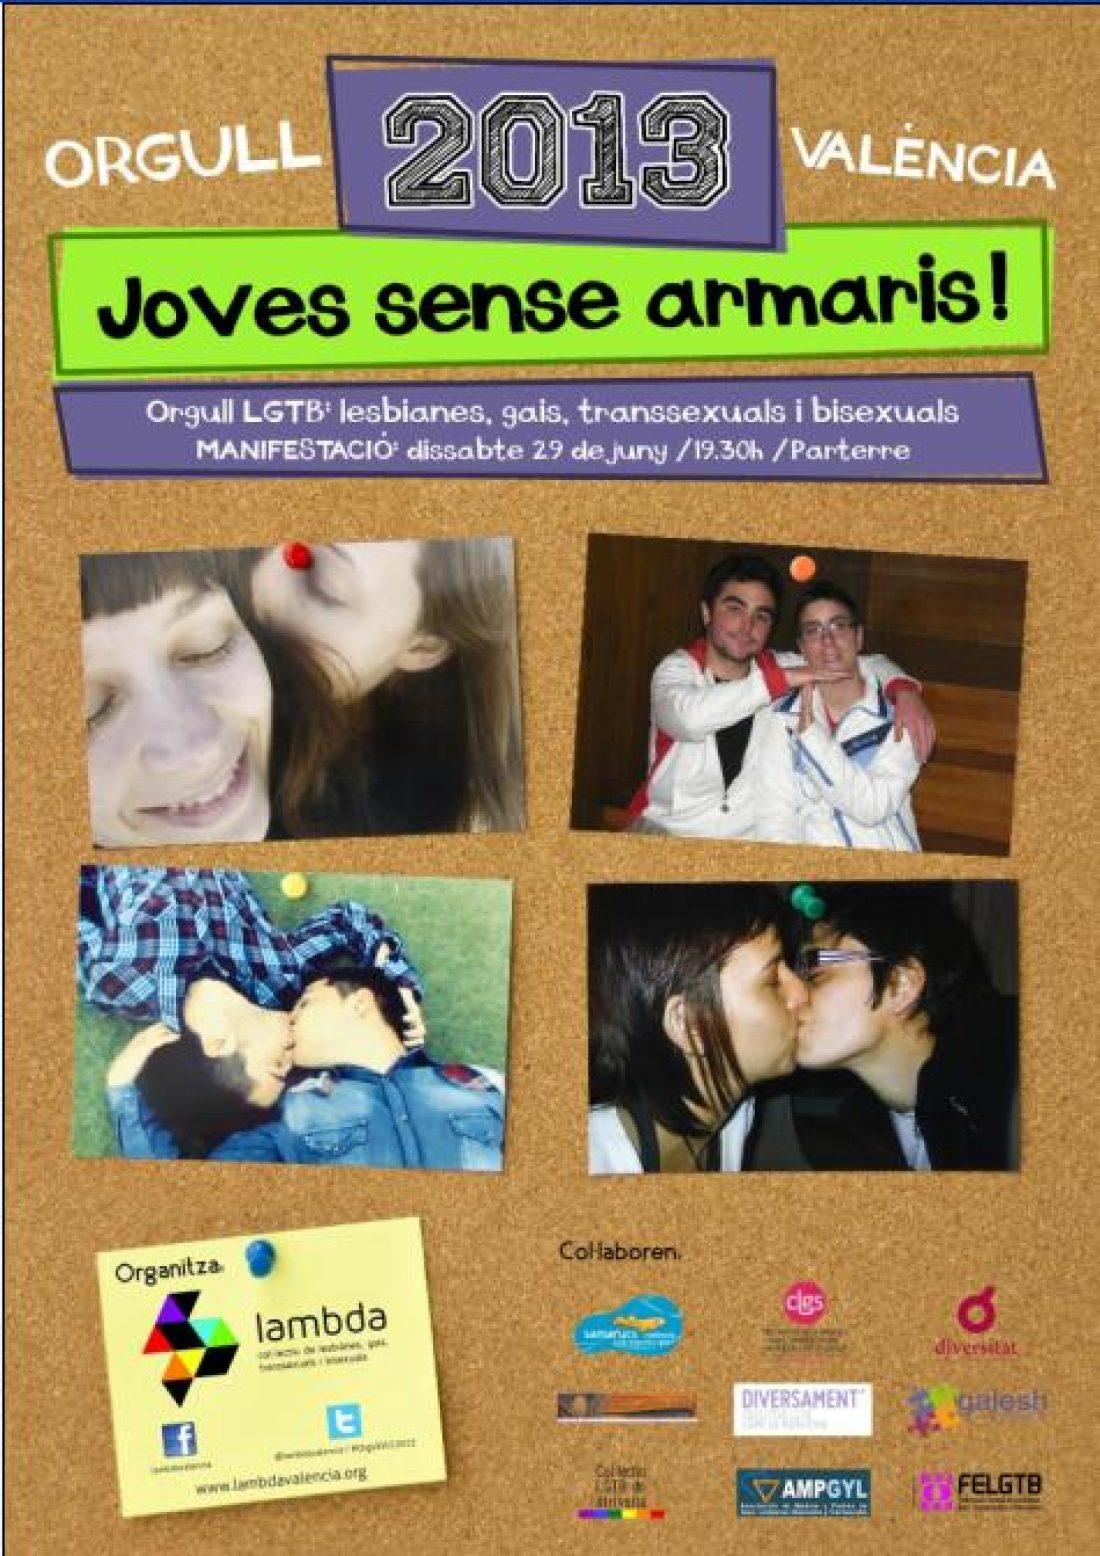 Llamada de la CGT-PV y Murcia a participar en el Orgullo LGTB 2013